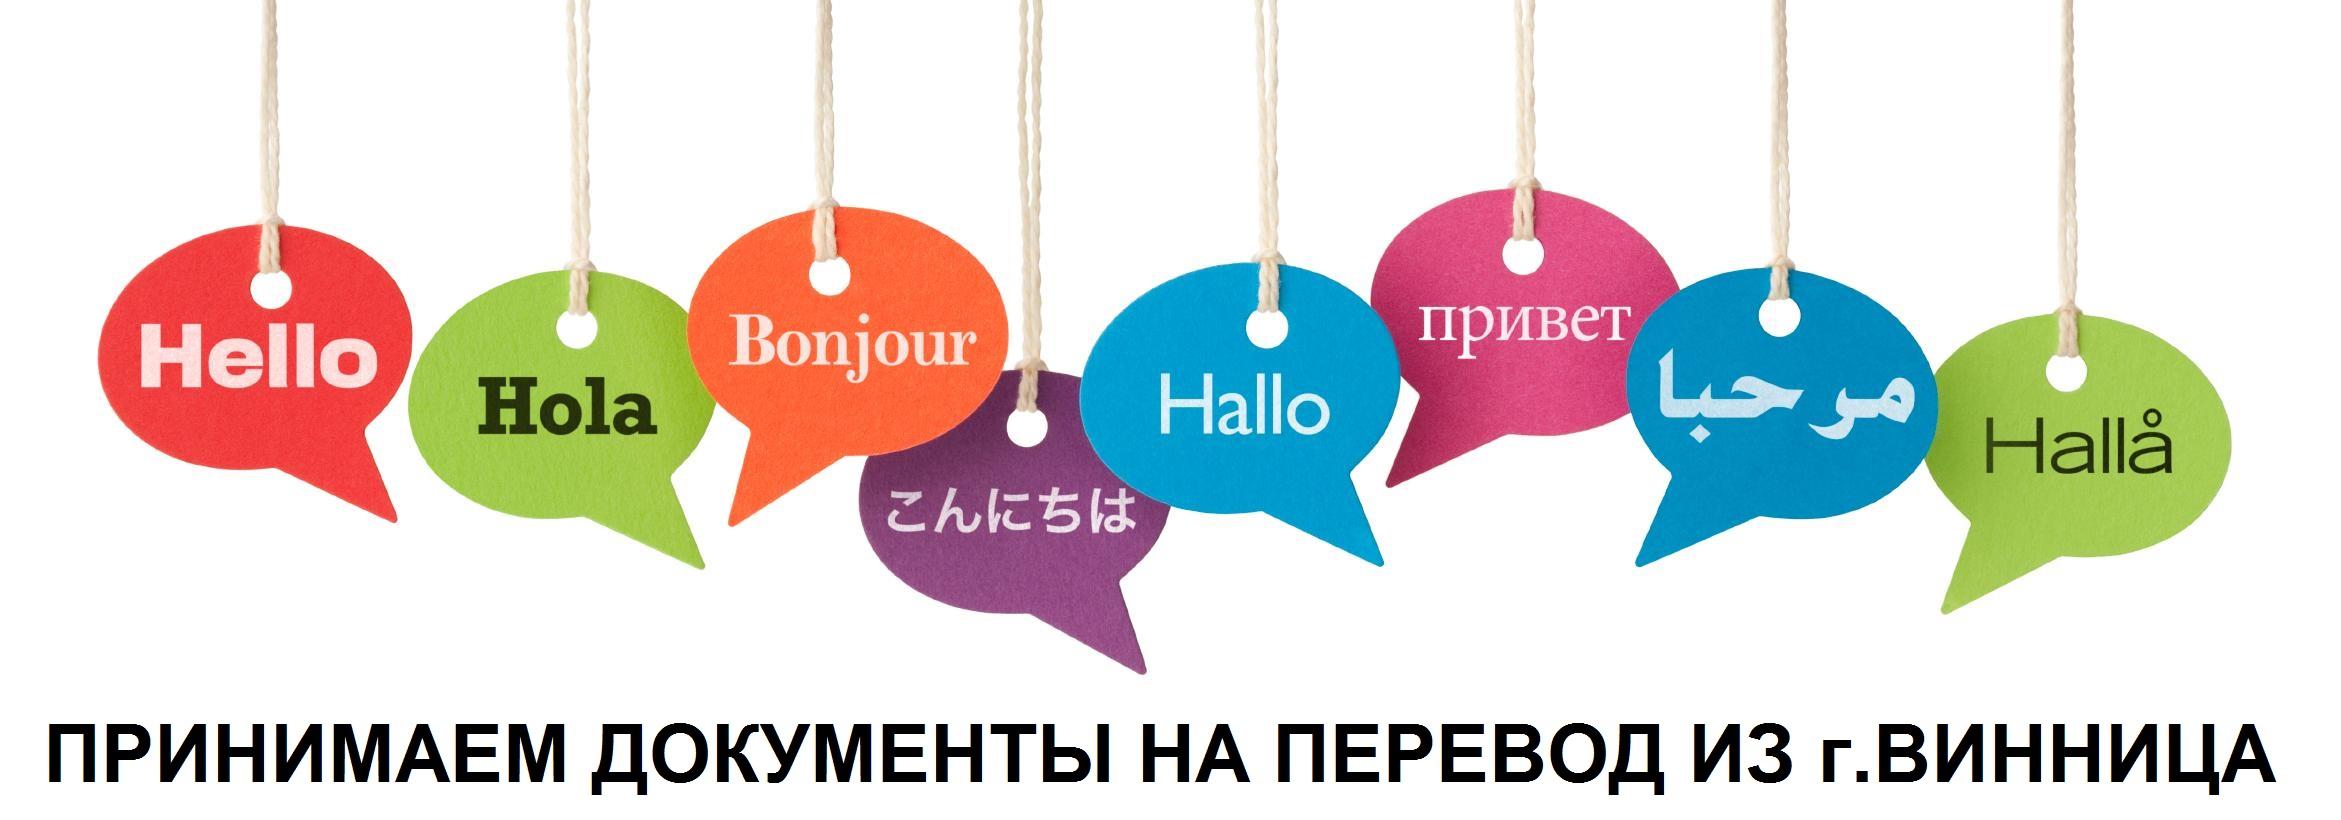 ПРИНИМАЕМ ДОКУМЕНТЫ НА ПЕРЕВОД ИЗ г.ВИННИЦА - SpravkaInform.com.ua